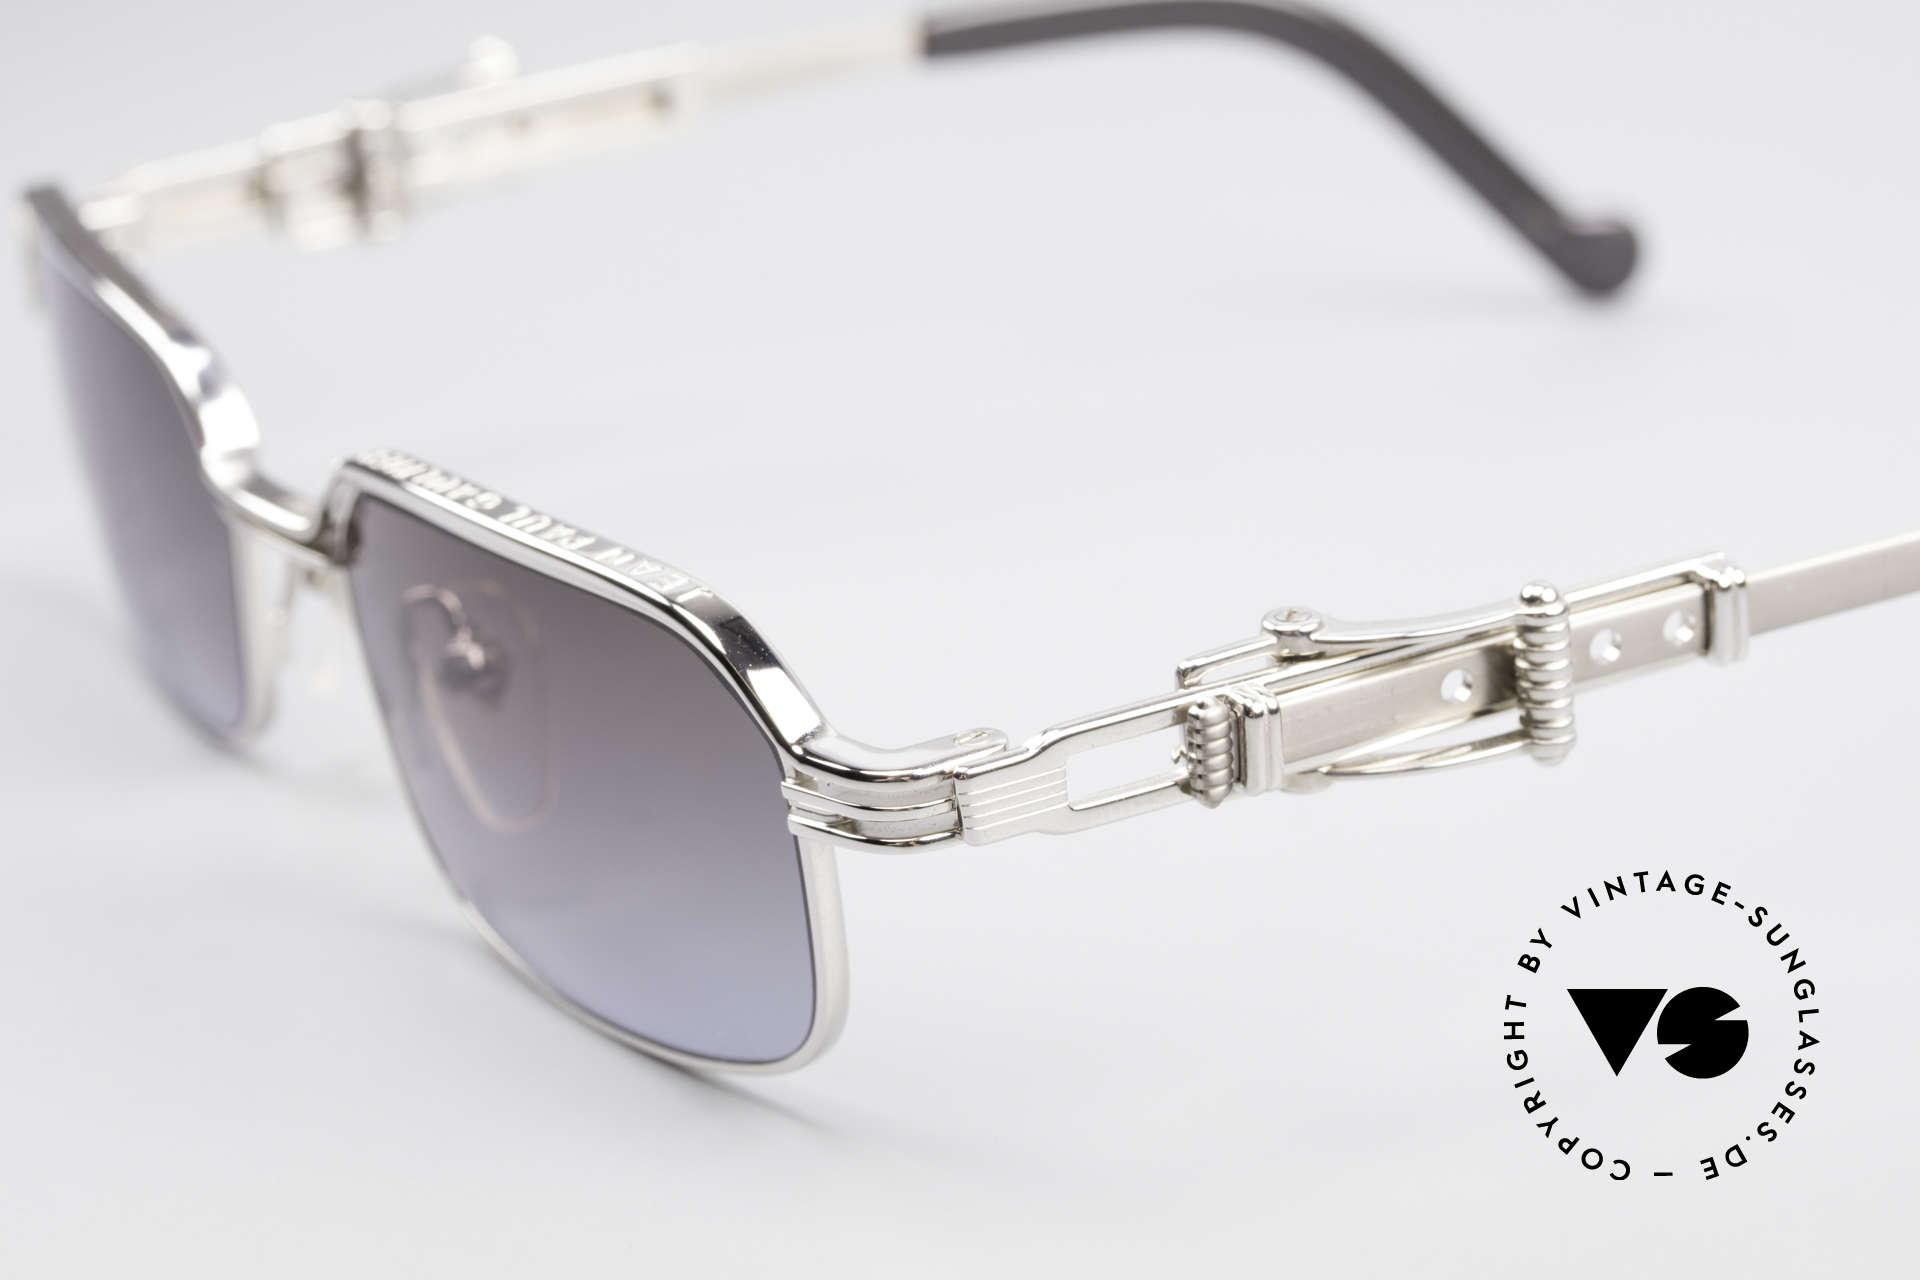 Jean Paul Gaultier 56-0002 Brille mit Gürtelschnalle, verstellbare Bügel in Form einer Gürtelschnalle; genial!, Passend für Herren